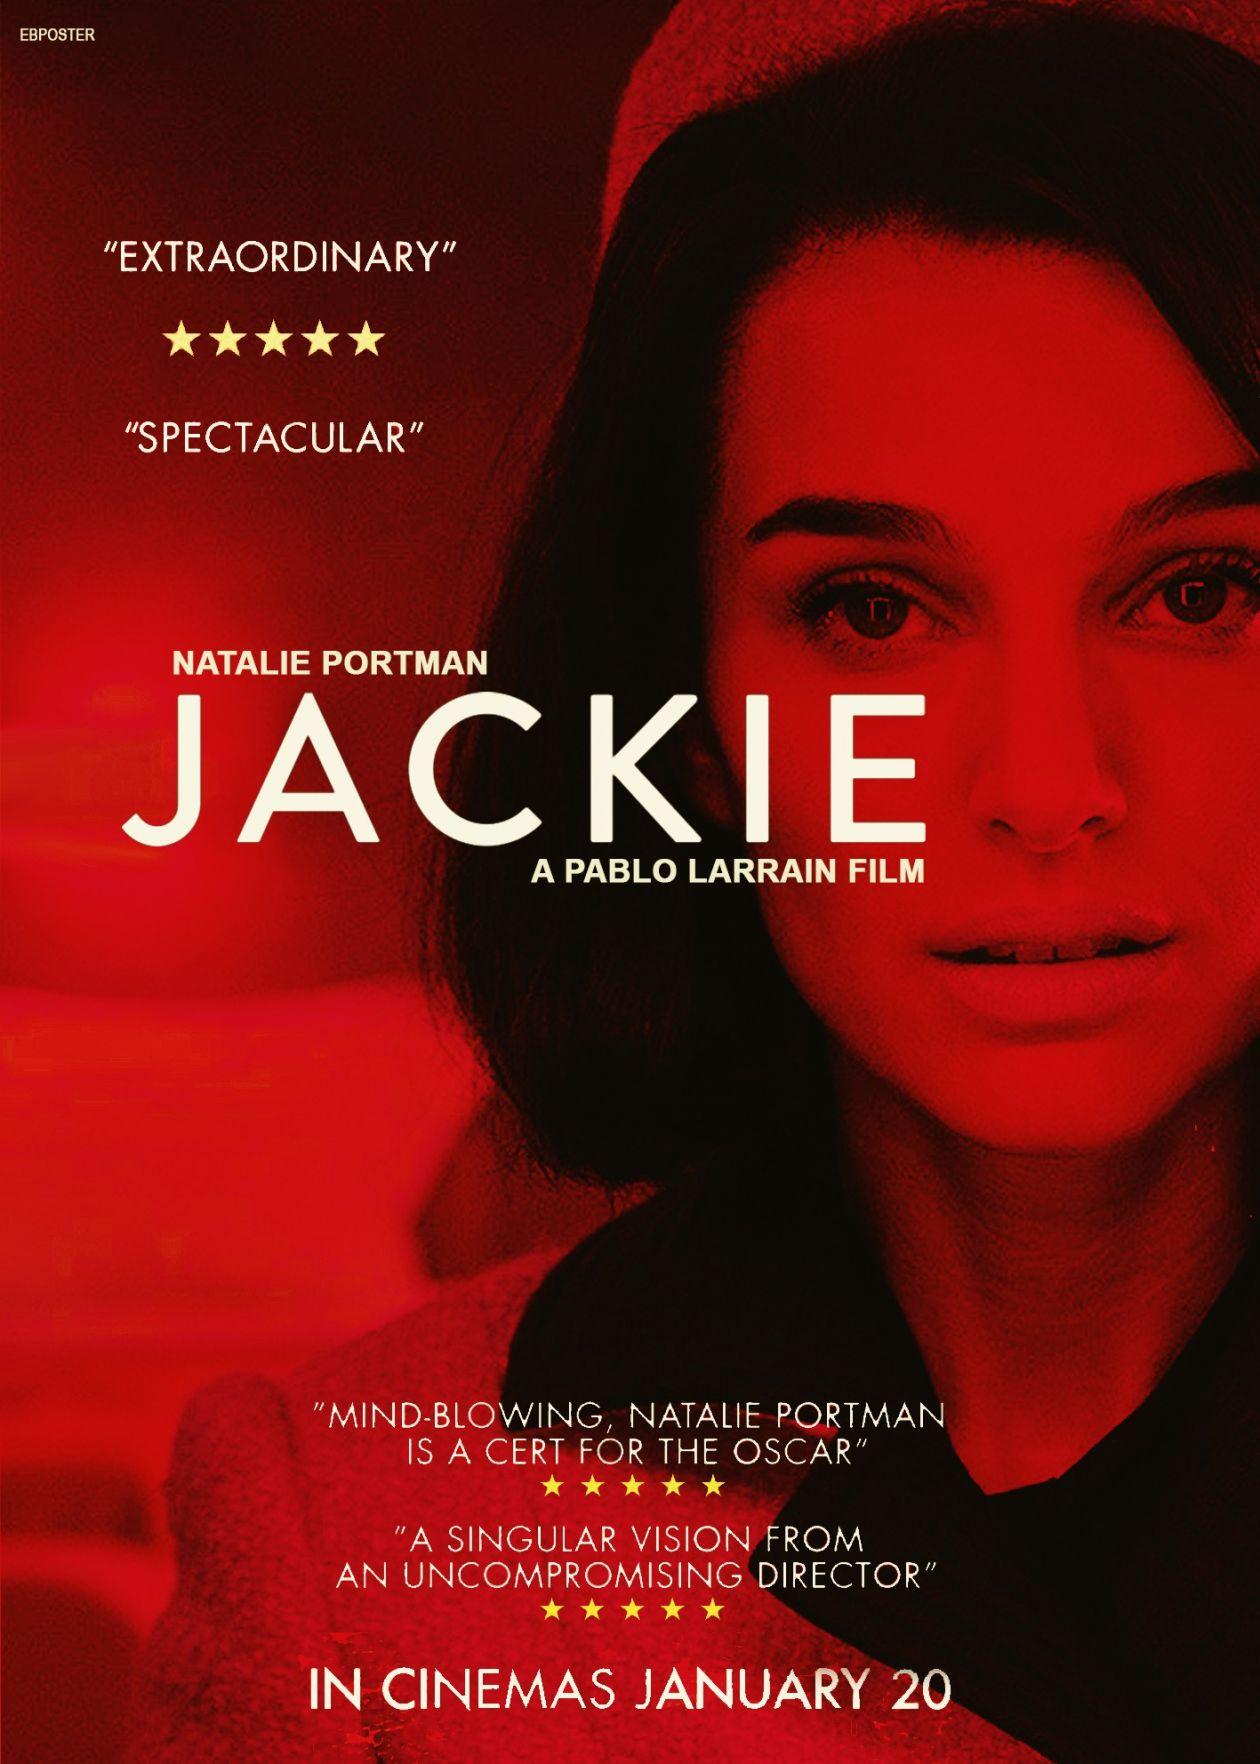 Natalie Portman | Jackie / Pablo Larrain 2016 / Movie poster / Affiche du film